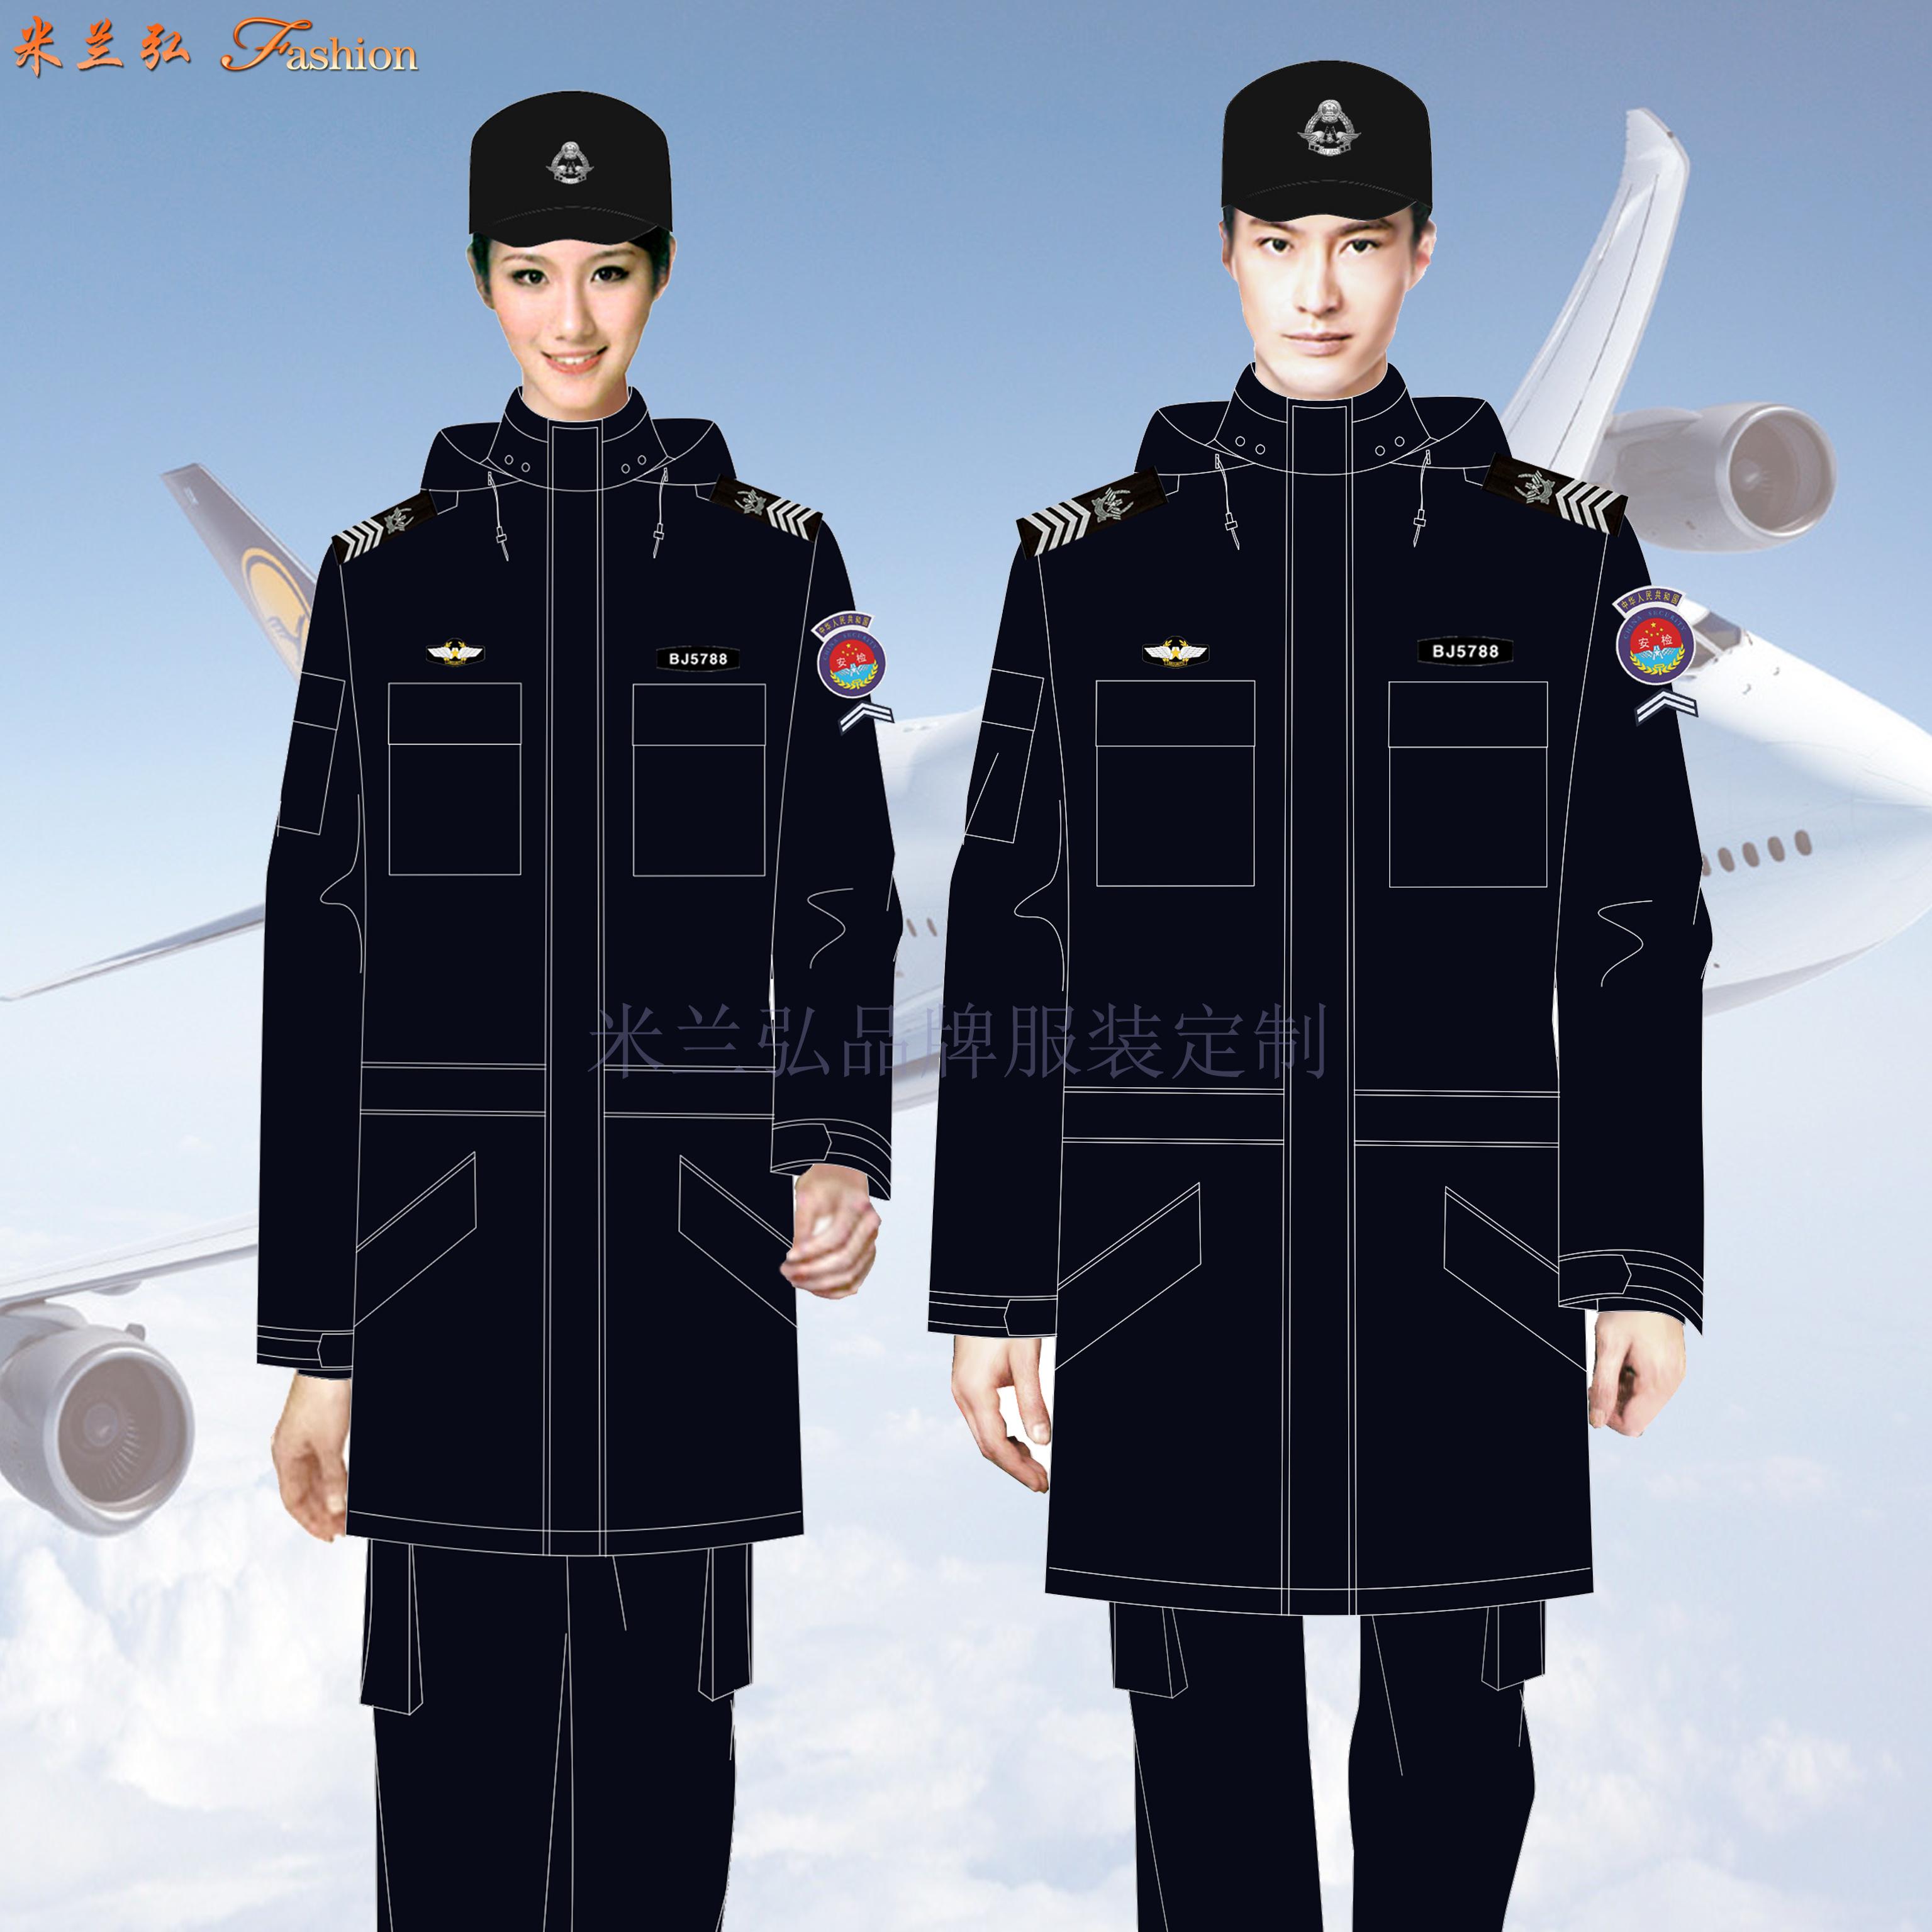 安檢服羊毛大衣定做_機場安檢員大衣訂製_民航安檢棉服定製-2